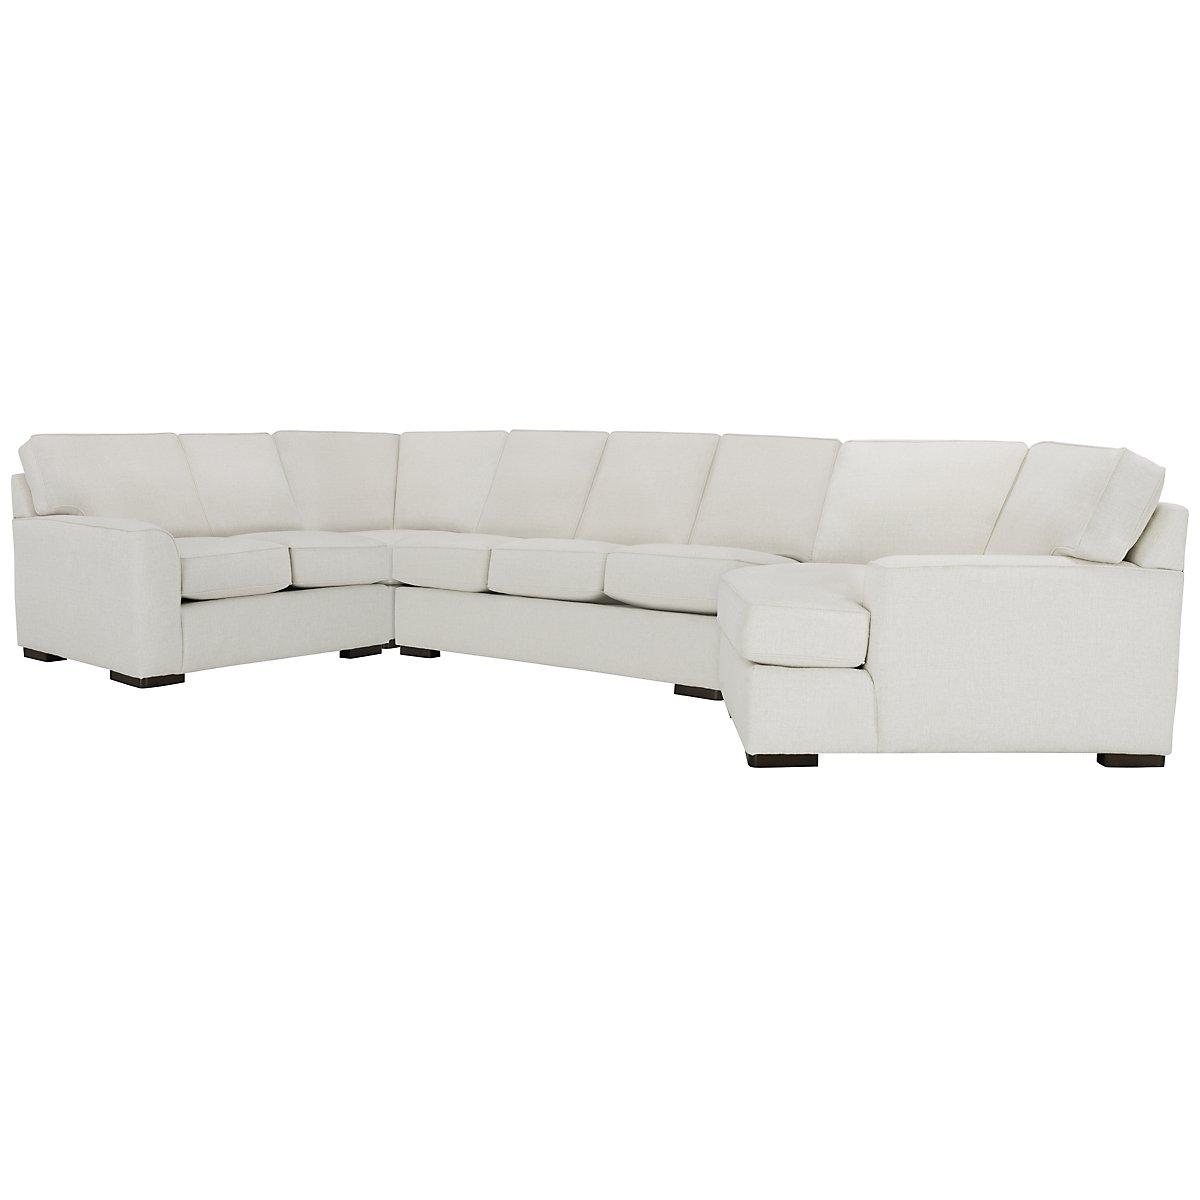 Austin White Fabric Right Cuddler Innerspring Sleeper Sectional